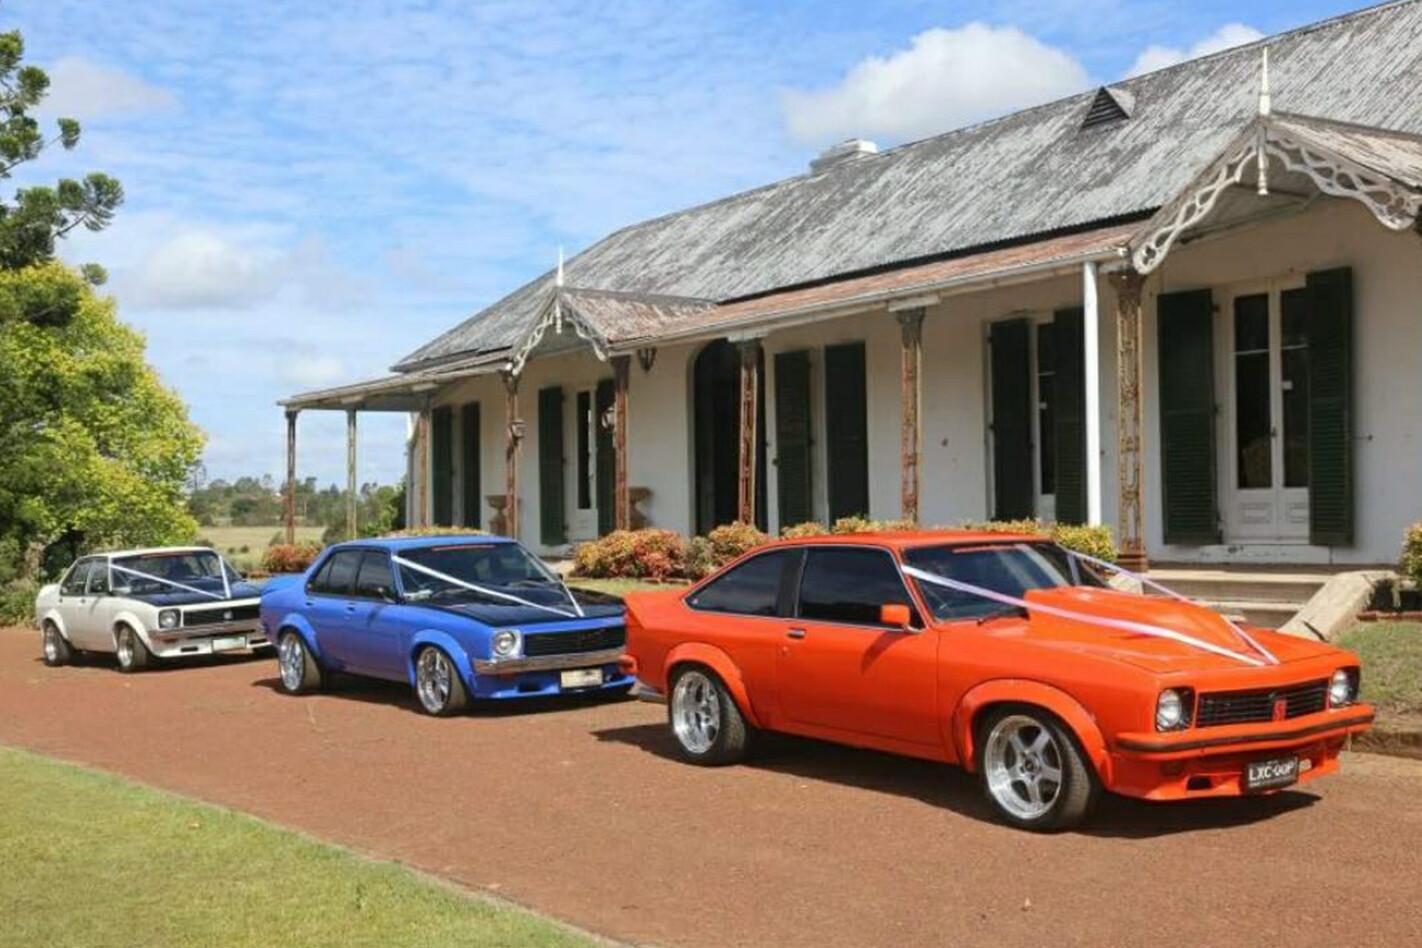 Kathleen Whittaker's wedding cars